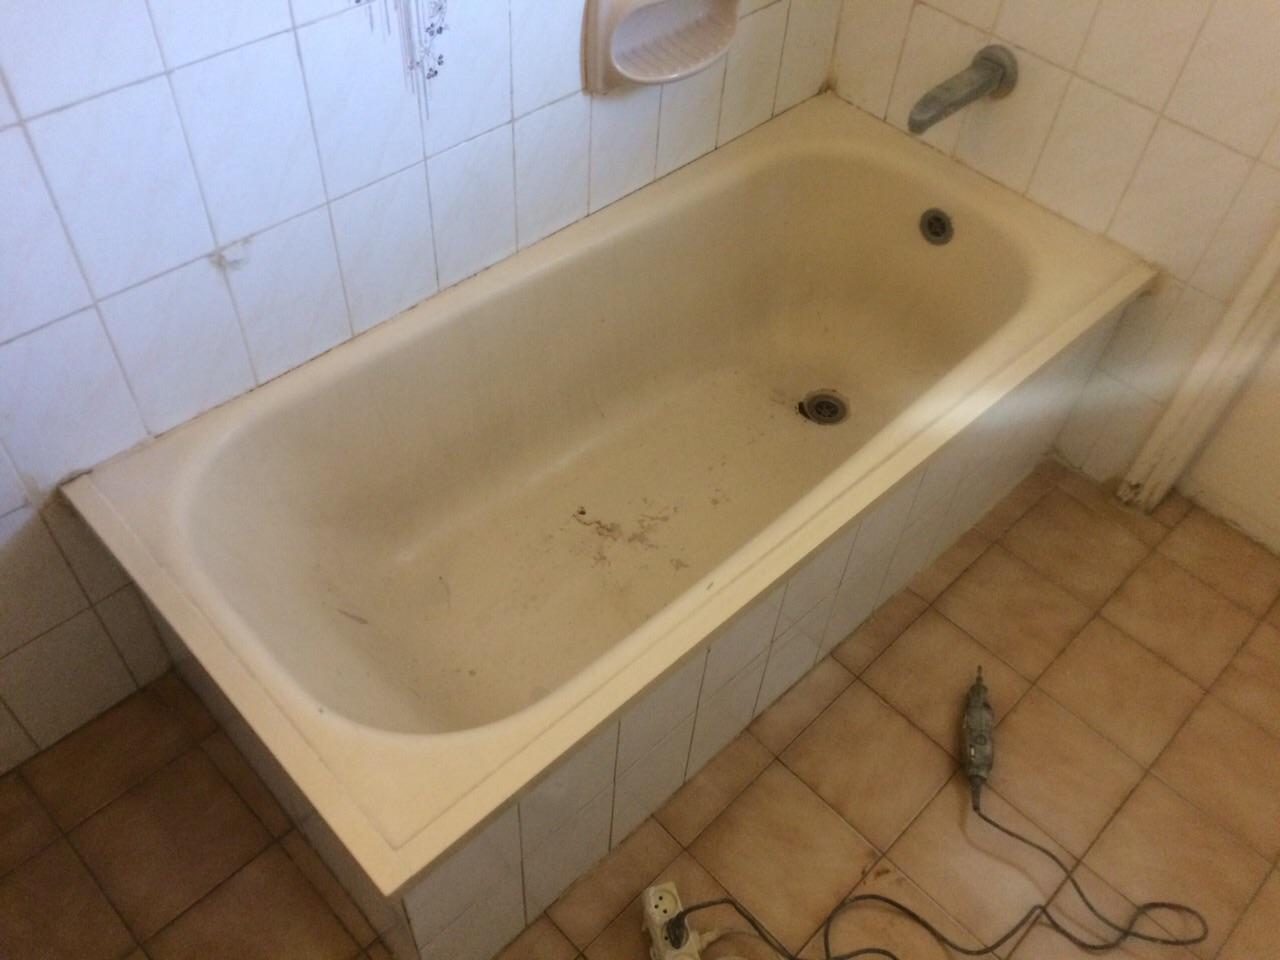 ציפוי ותיקון חלודה באמבטיה בדירה בגבעתיים